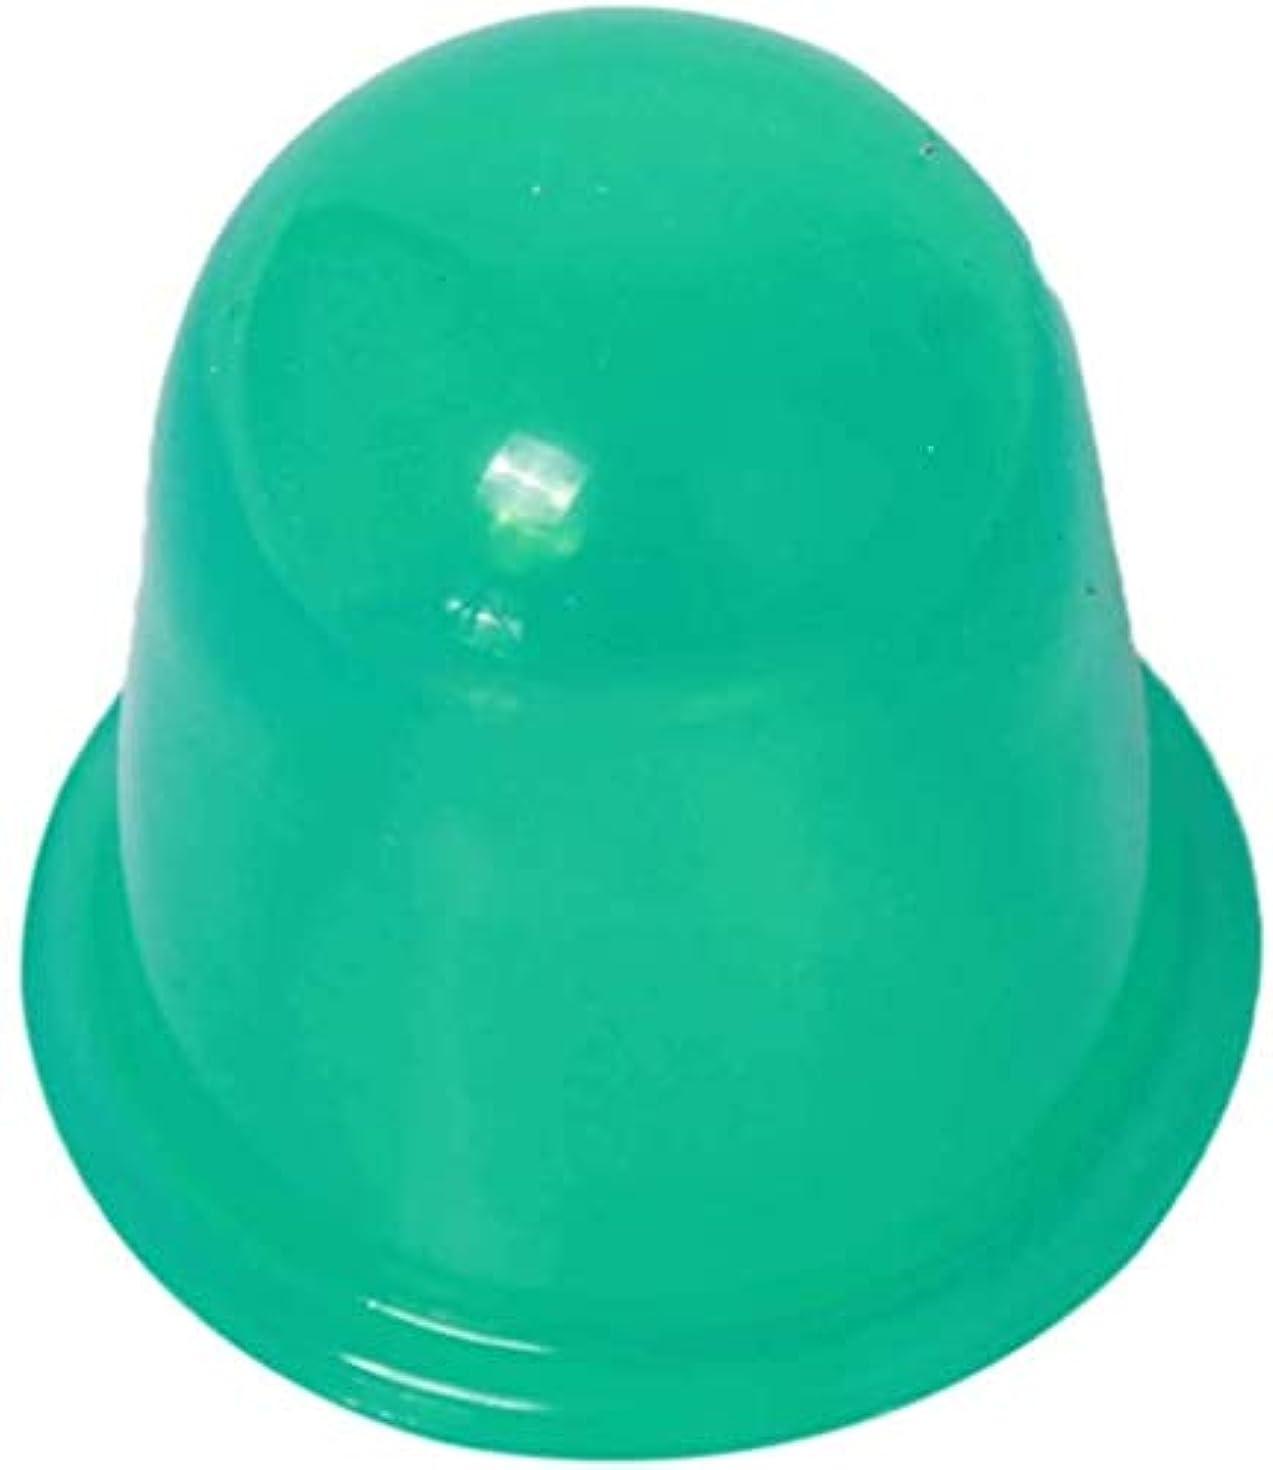 ドック起点論理シリコーンカップ、浚渫経絡をカッピングカッピングデバイス、シリコンカッピングデバイス、バキューム、痛みを緩和し、血液循環を促進 (Color : 緑, Size : 2pcs)